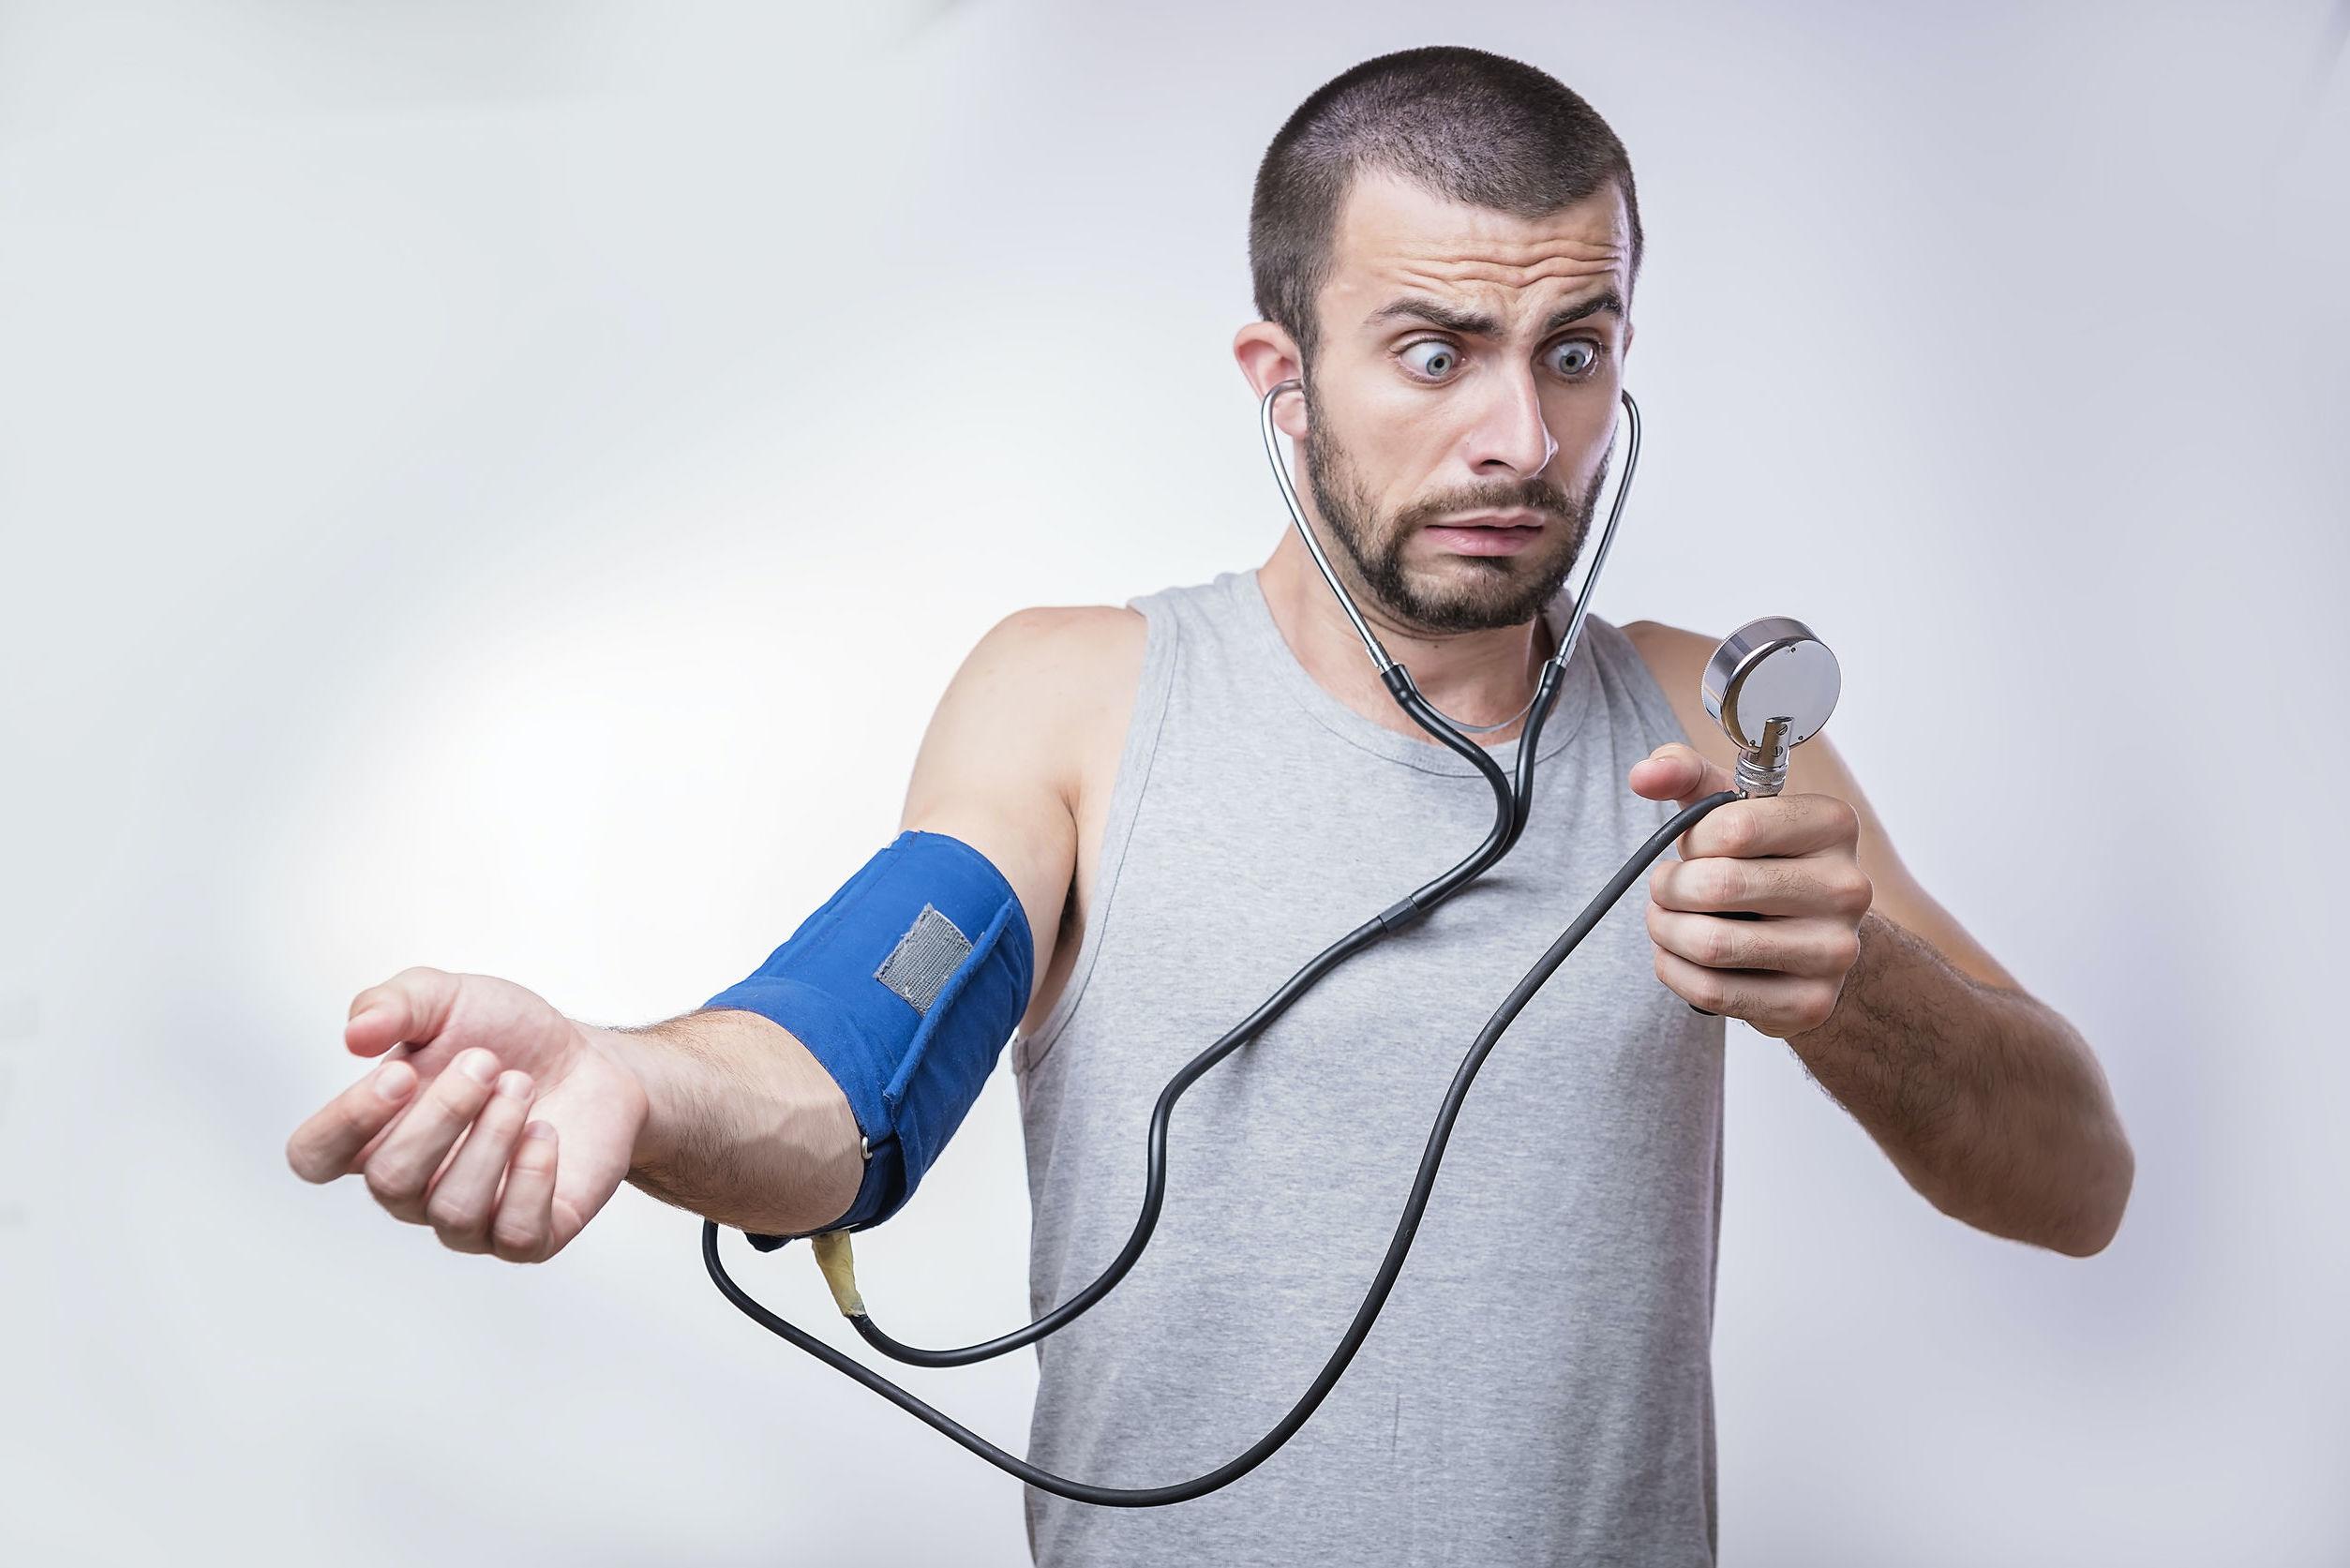 vese nyomás és magas vérnyomás